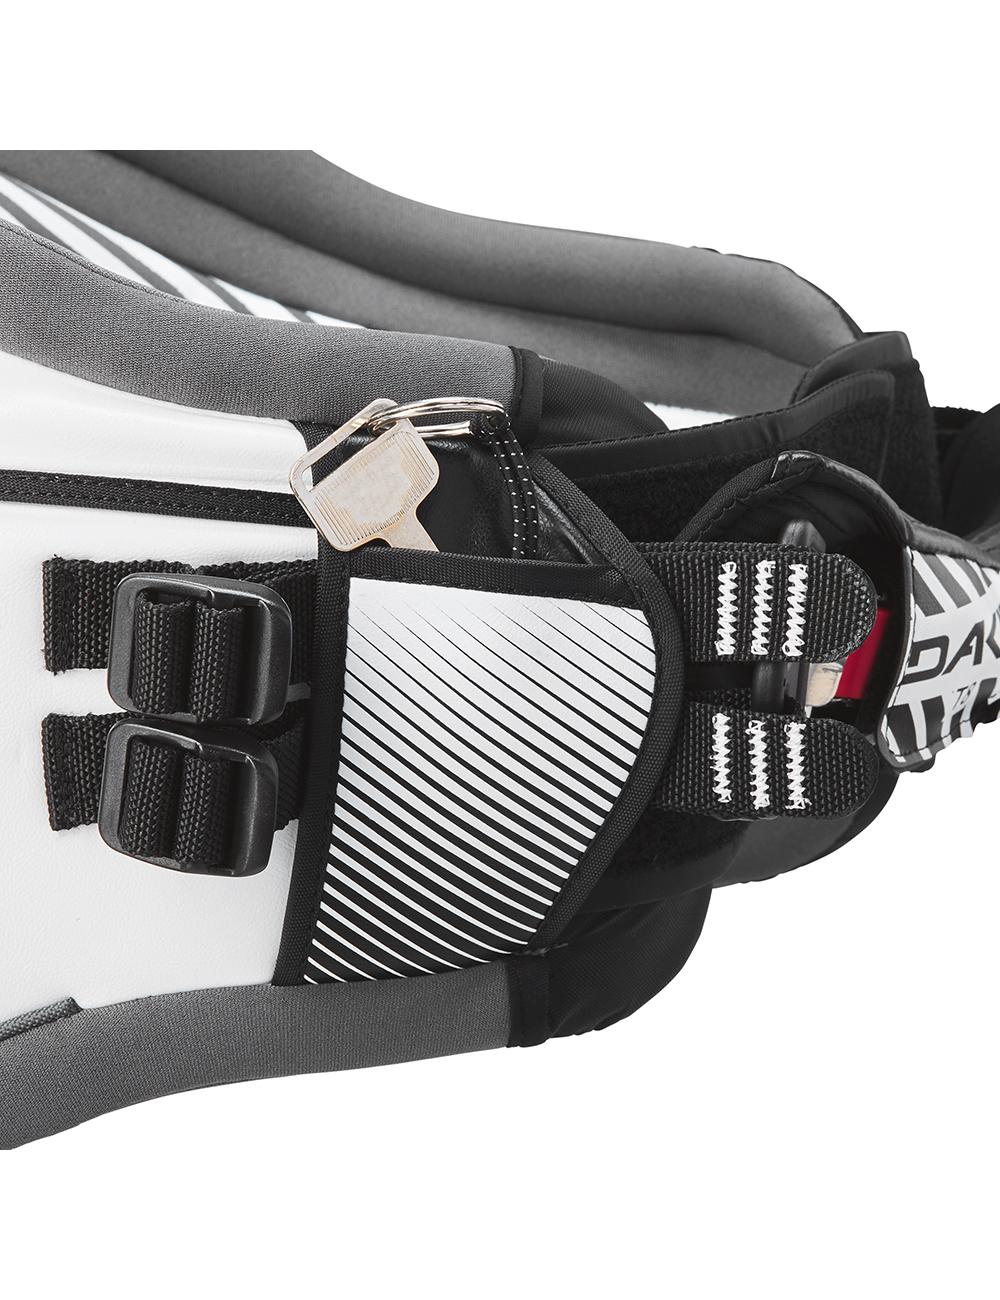 gorące produkty Gdzie mogę kupić kody kuponów Dakine T8 Classic Slider Windsurf Harness